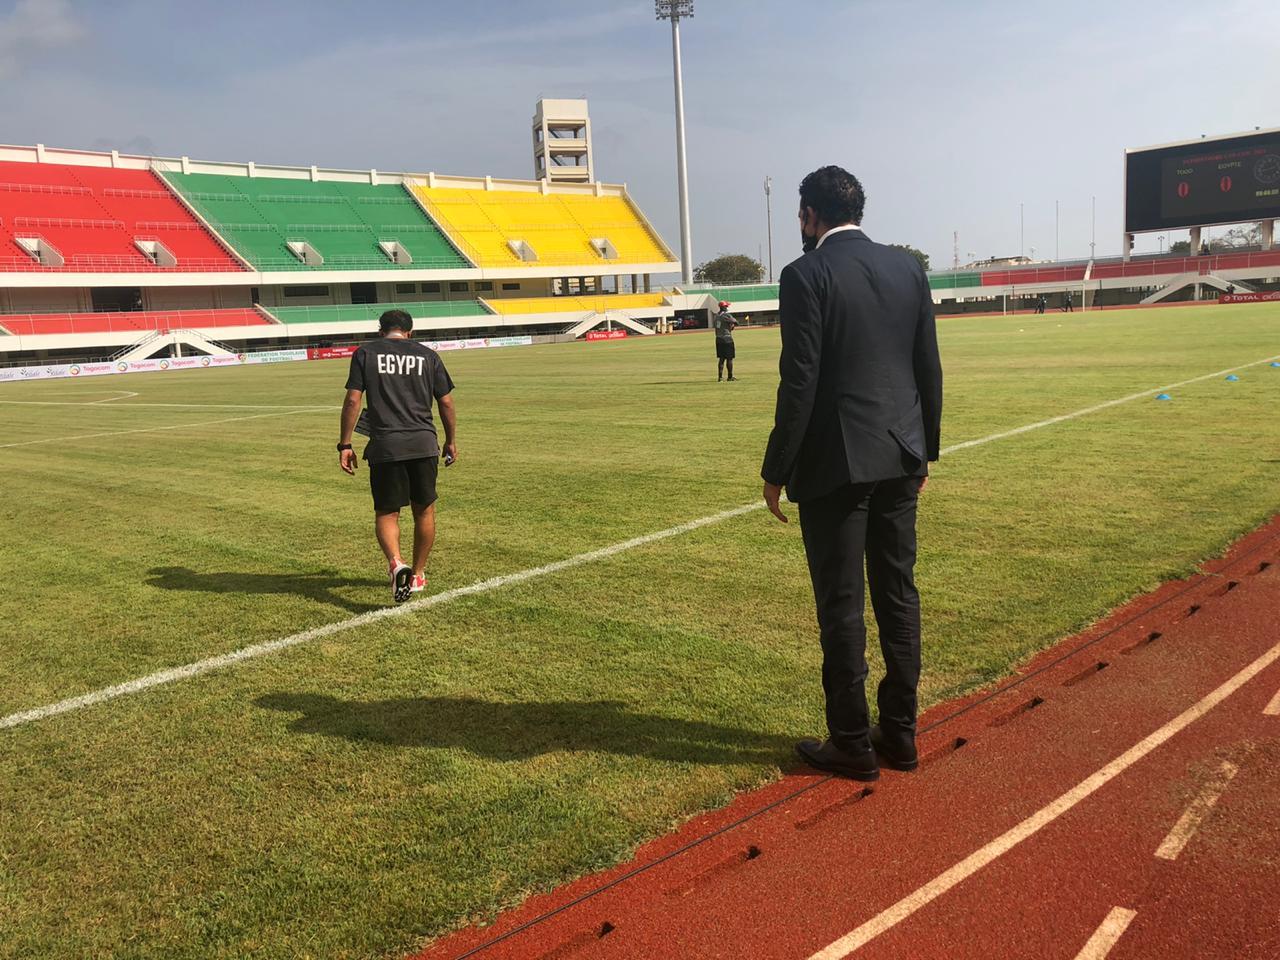 صناديق مباراة توجو ضد مصر (4)